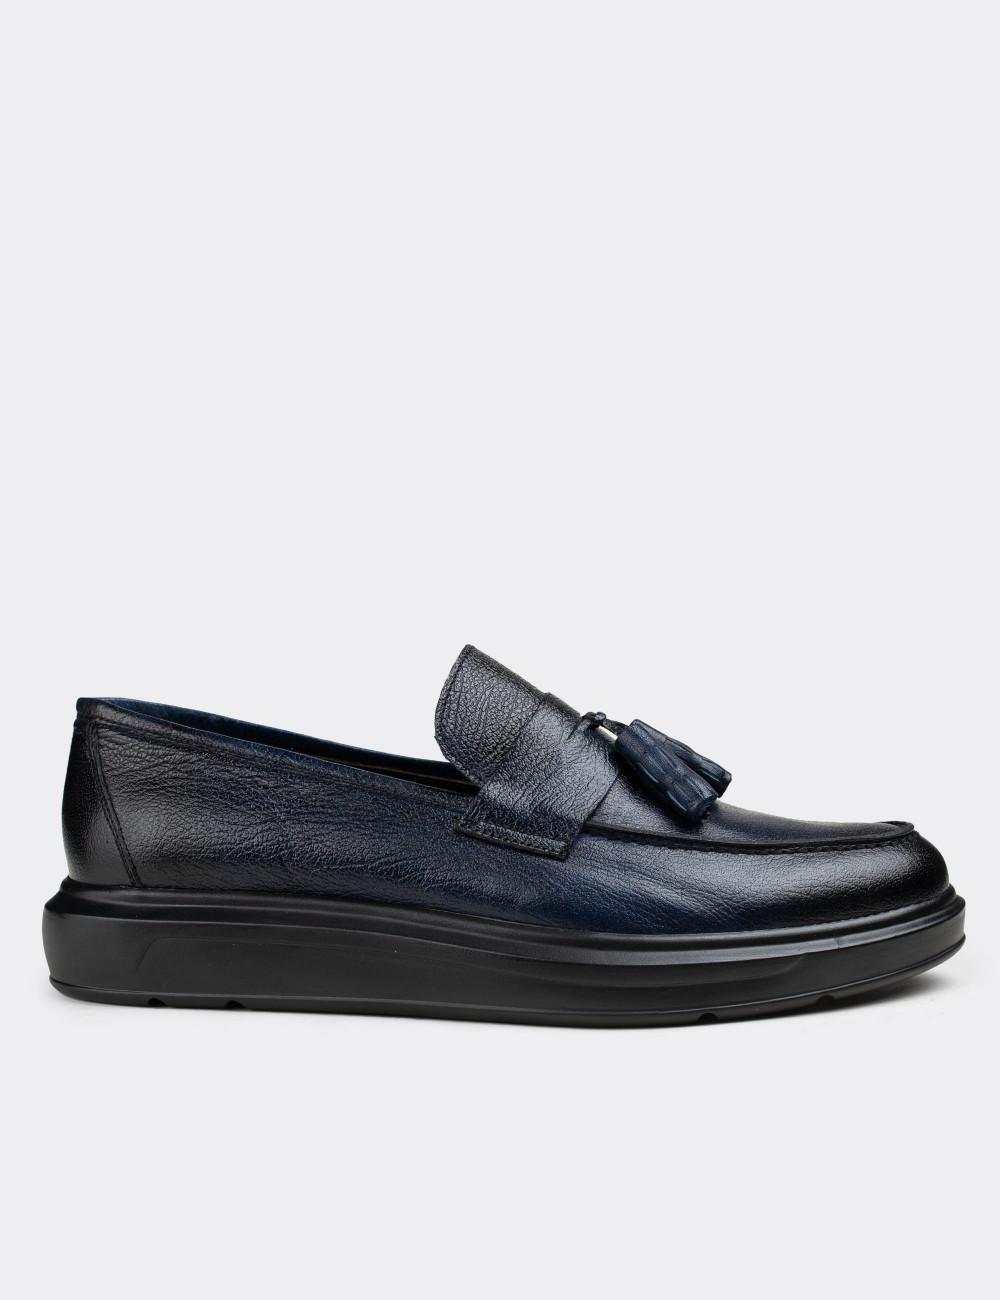 Hakiki Deri Lacivert Vintage Püsküllü Erkek Loafer - 01587MLCVP06